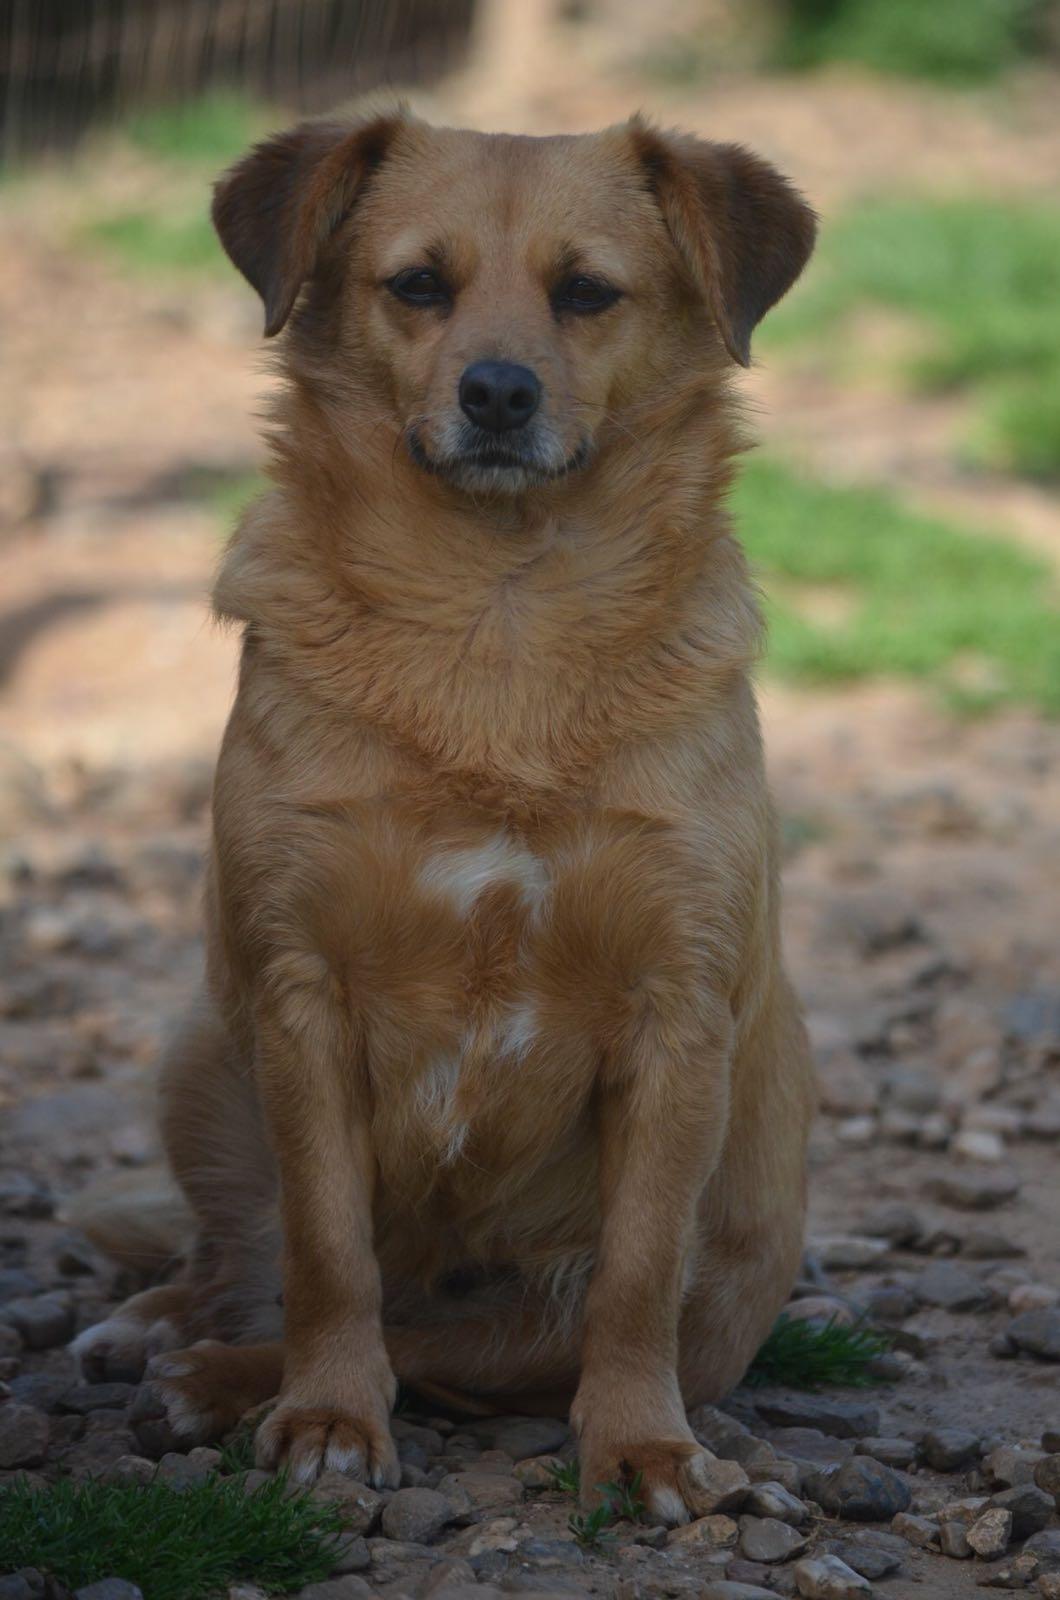 Lola cerca casa, aiutiamola! Appello per adozione